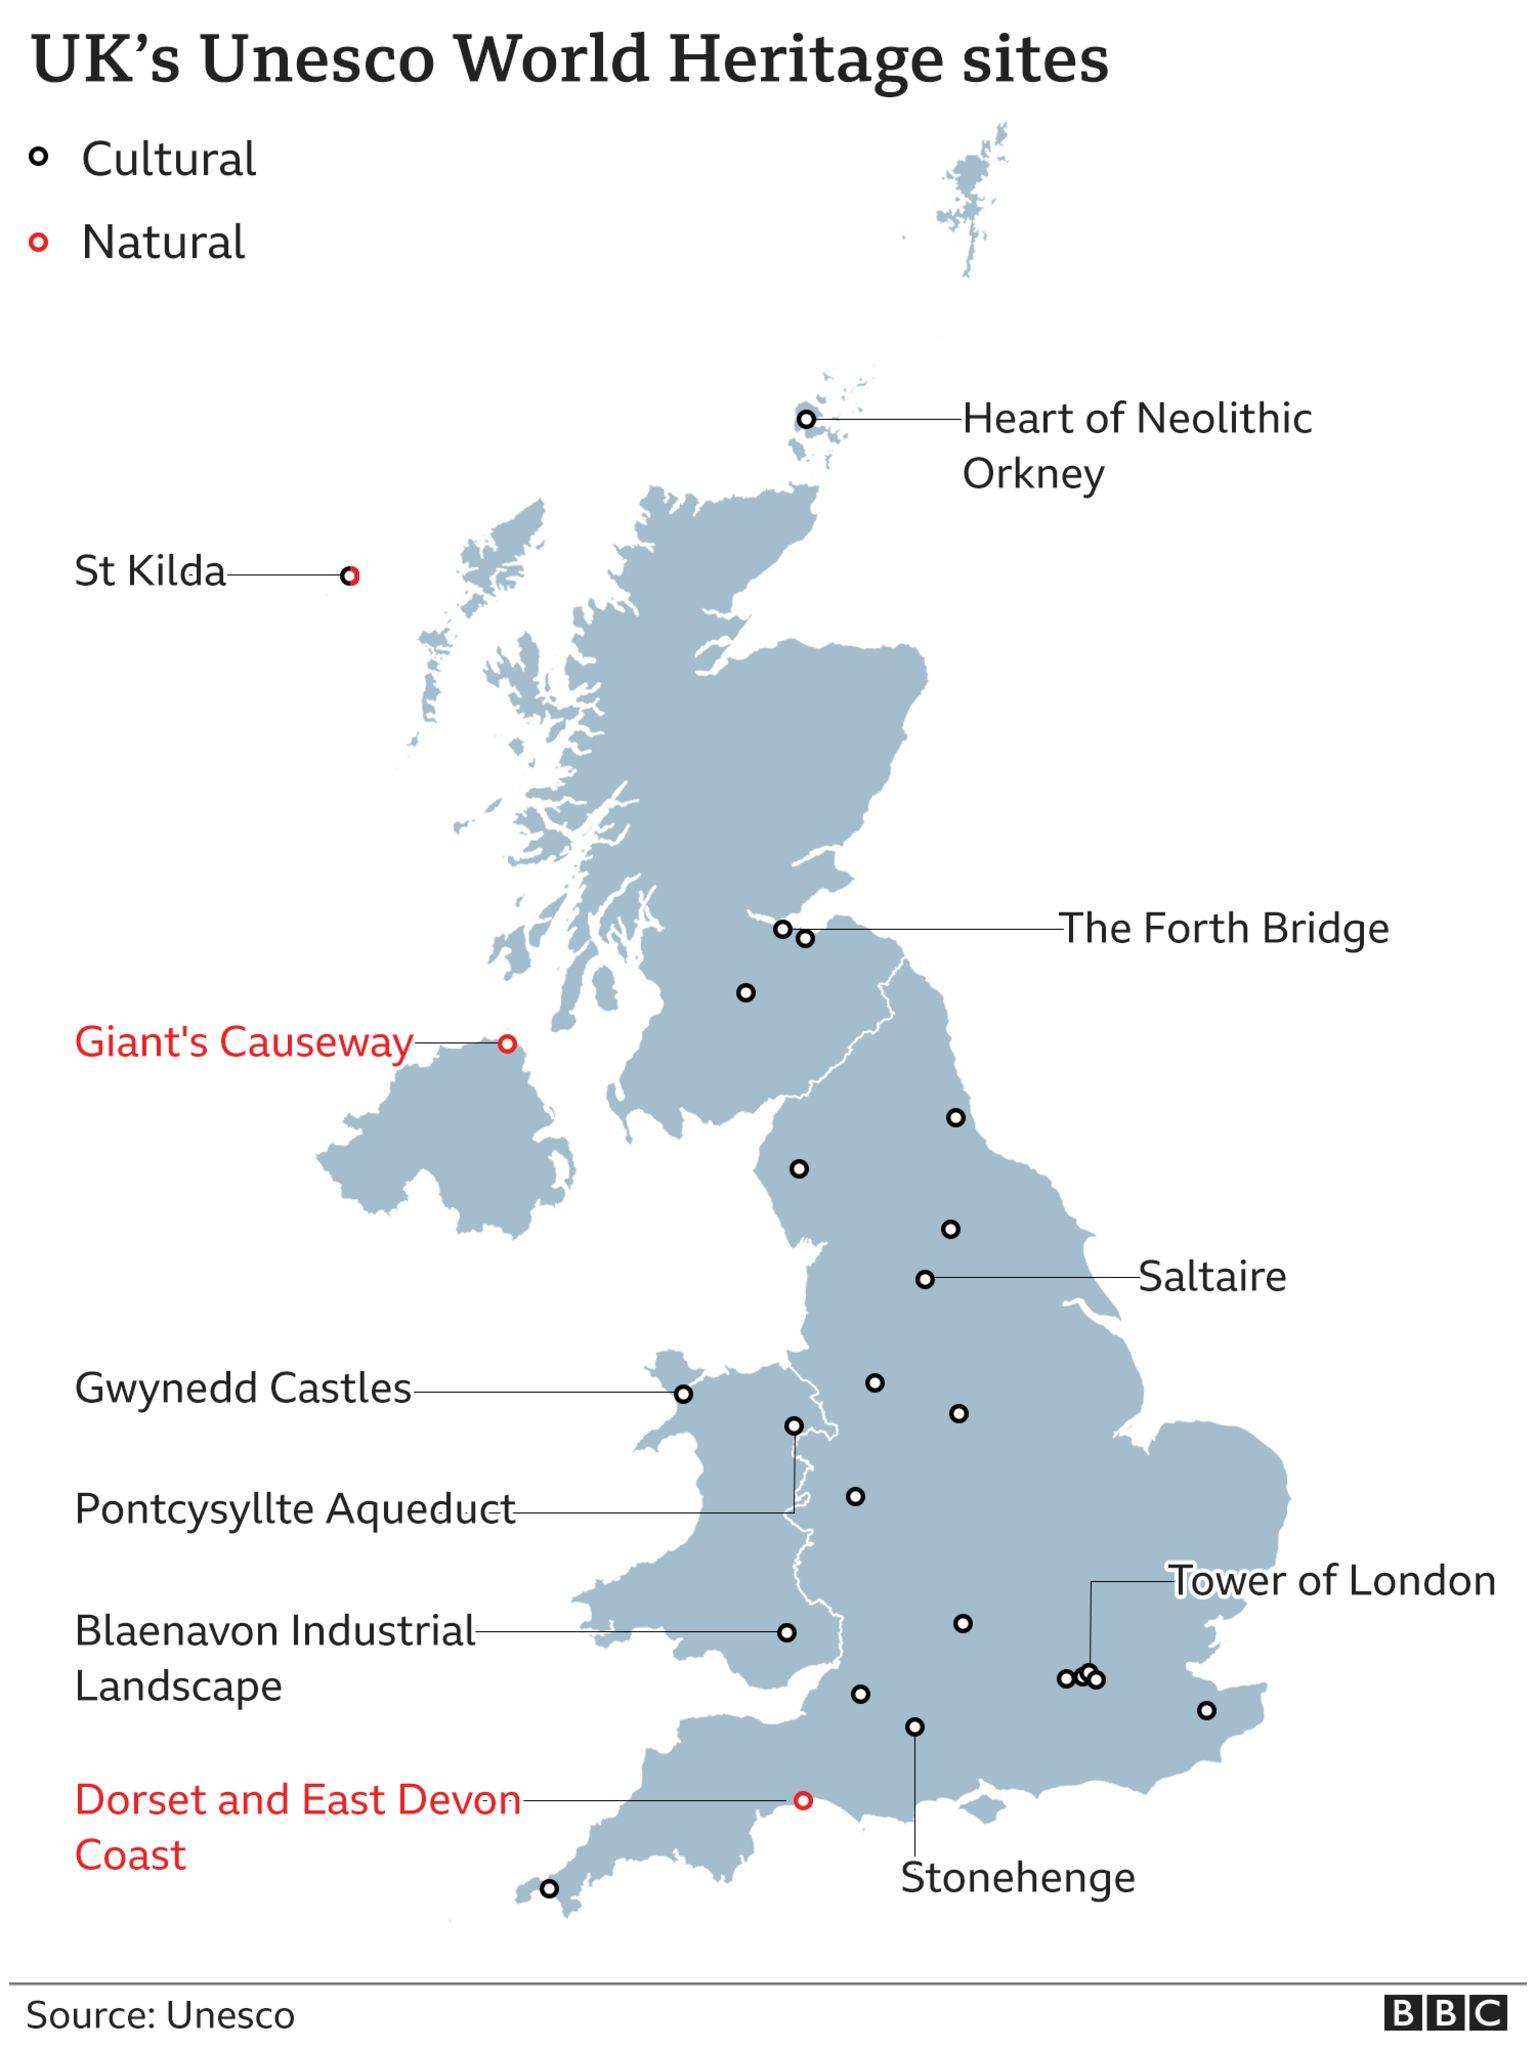 The UK's Unesco World Heritage Sites